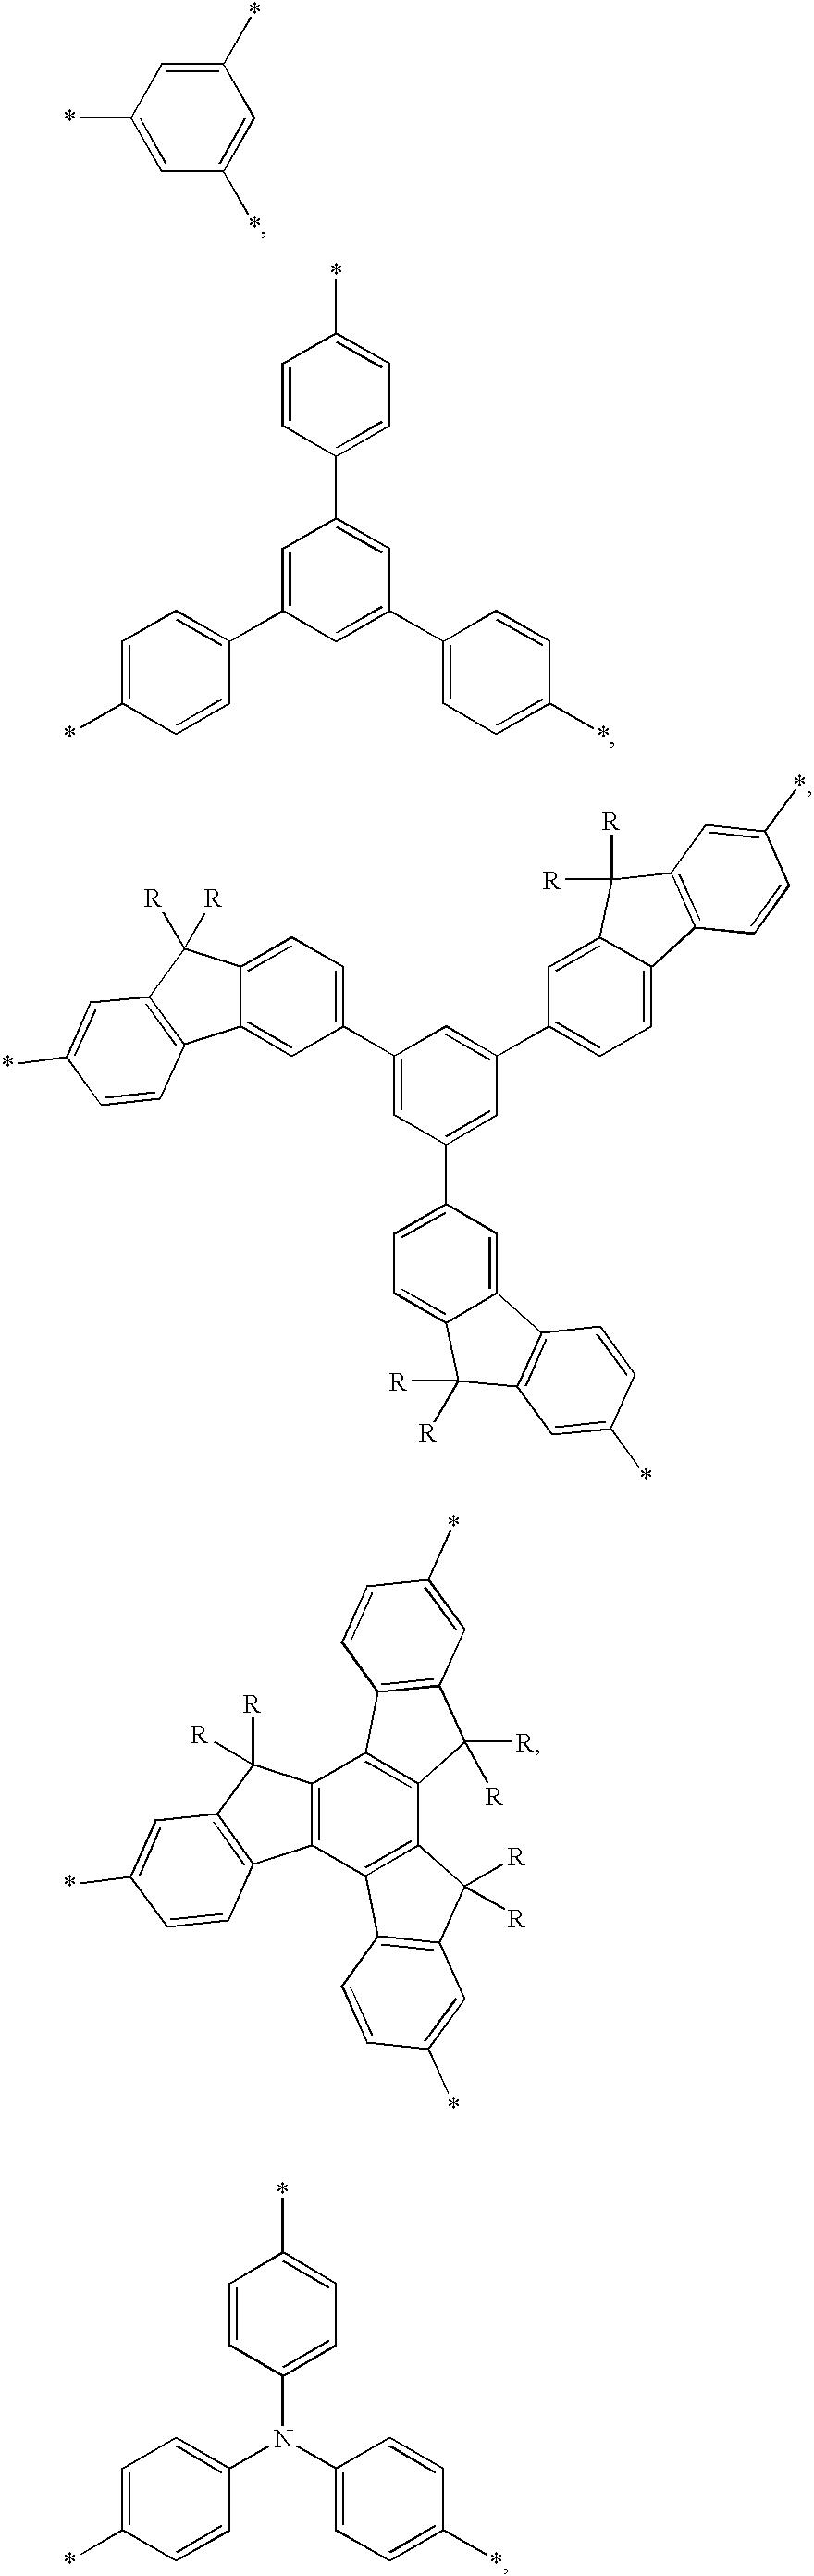 Figure US07192657-20070320-C00016